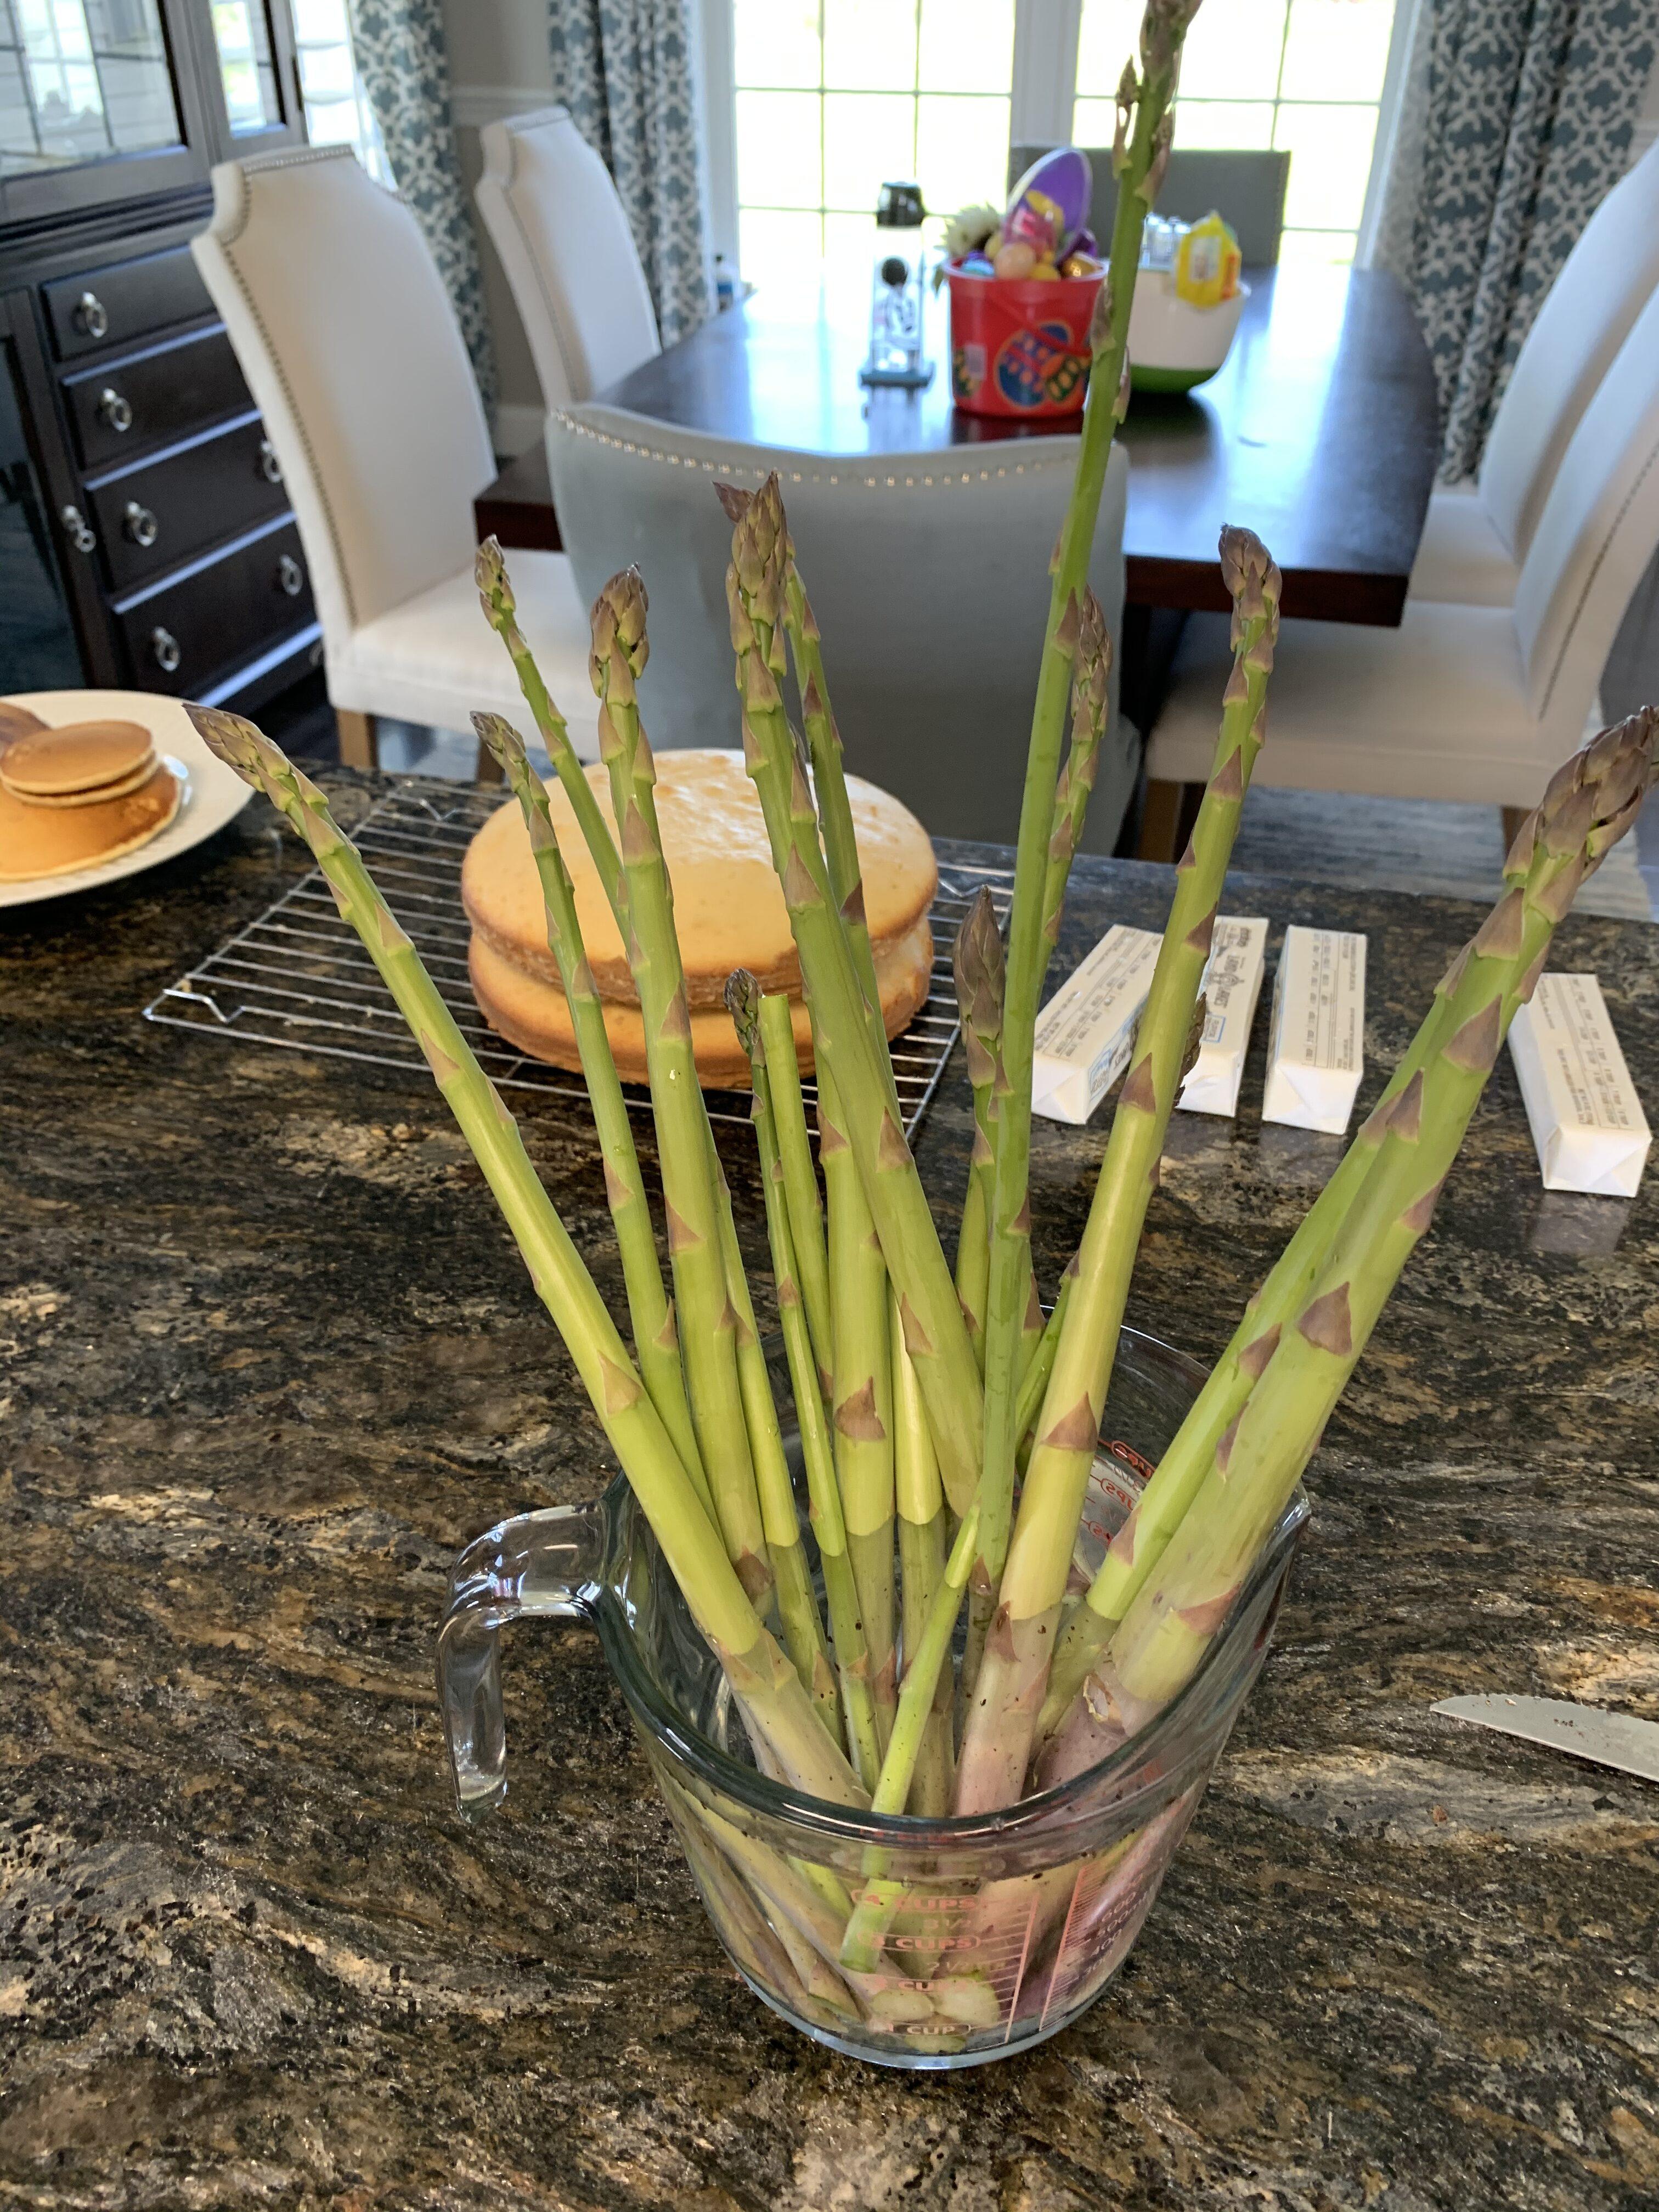 EDB440CE FE4F 49B0 B852 C4104CF544DD How to double or triple your asparagus yield